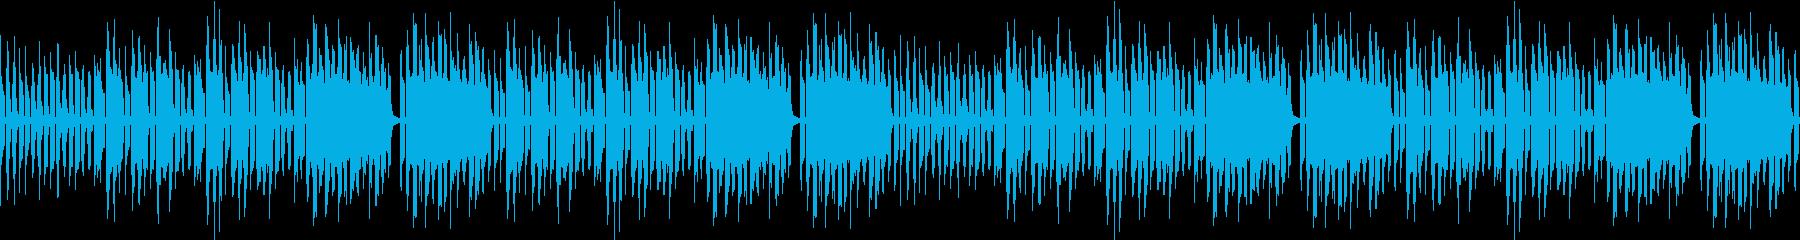 ハリネズミが営む服屋のBGM※ループ仕様の再生済みの波形